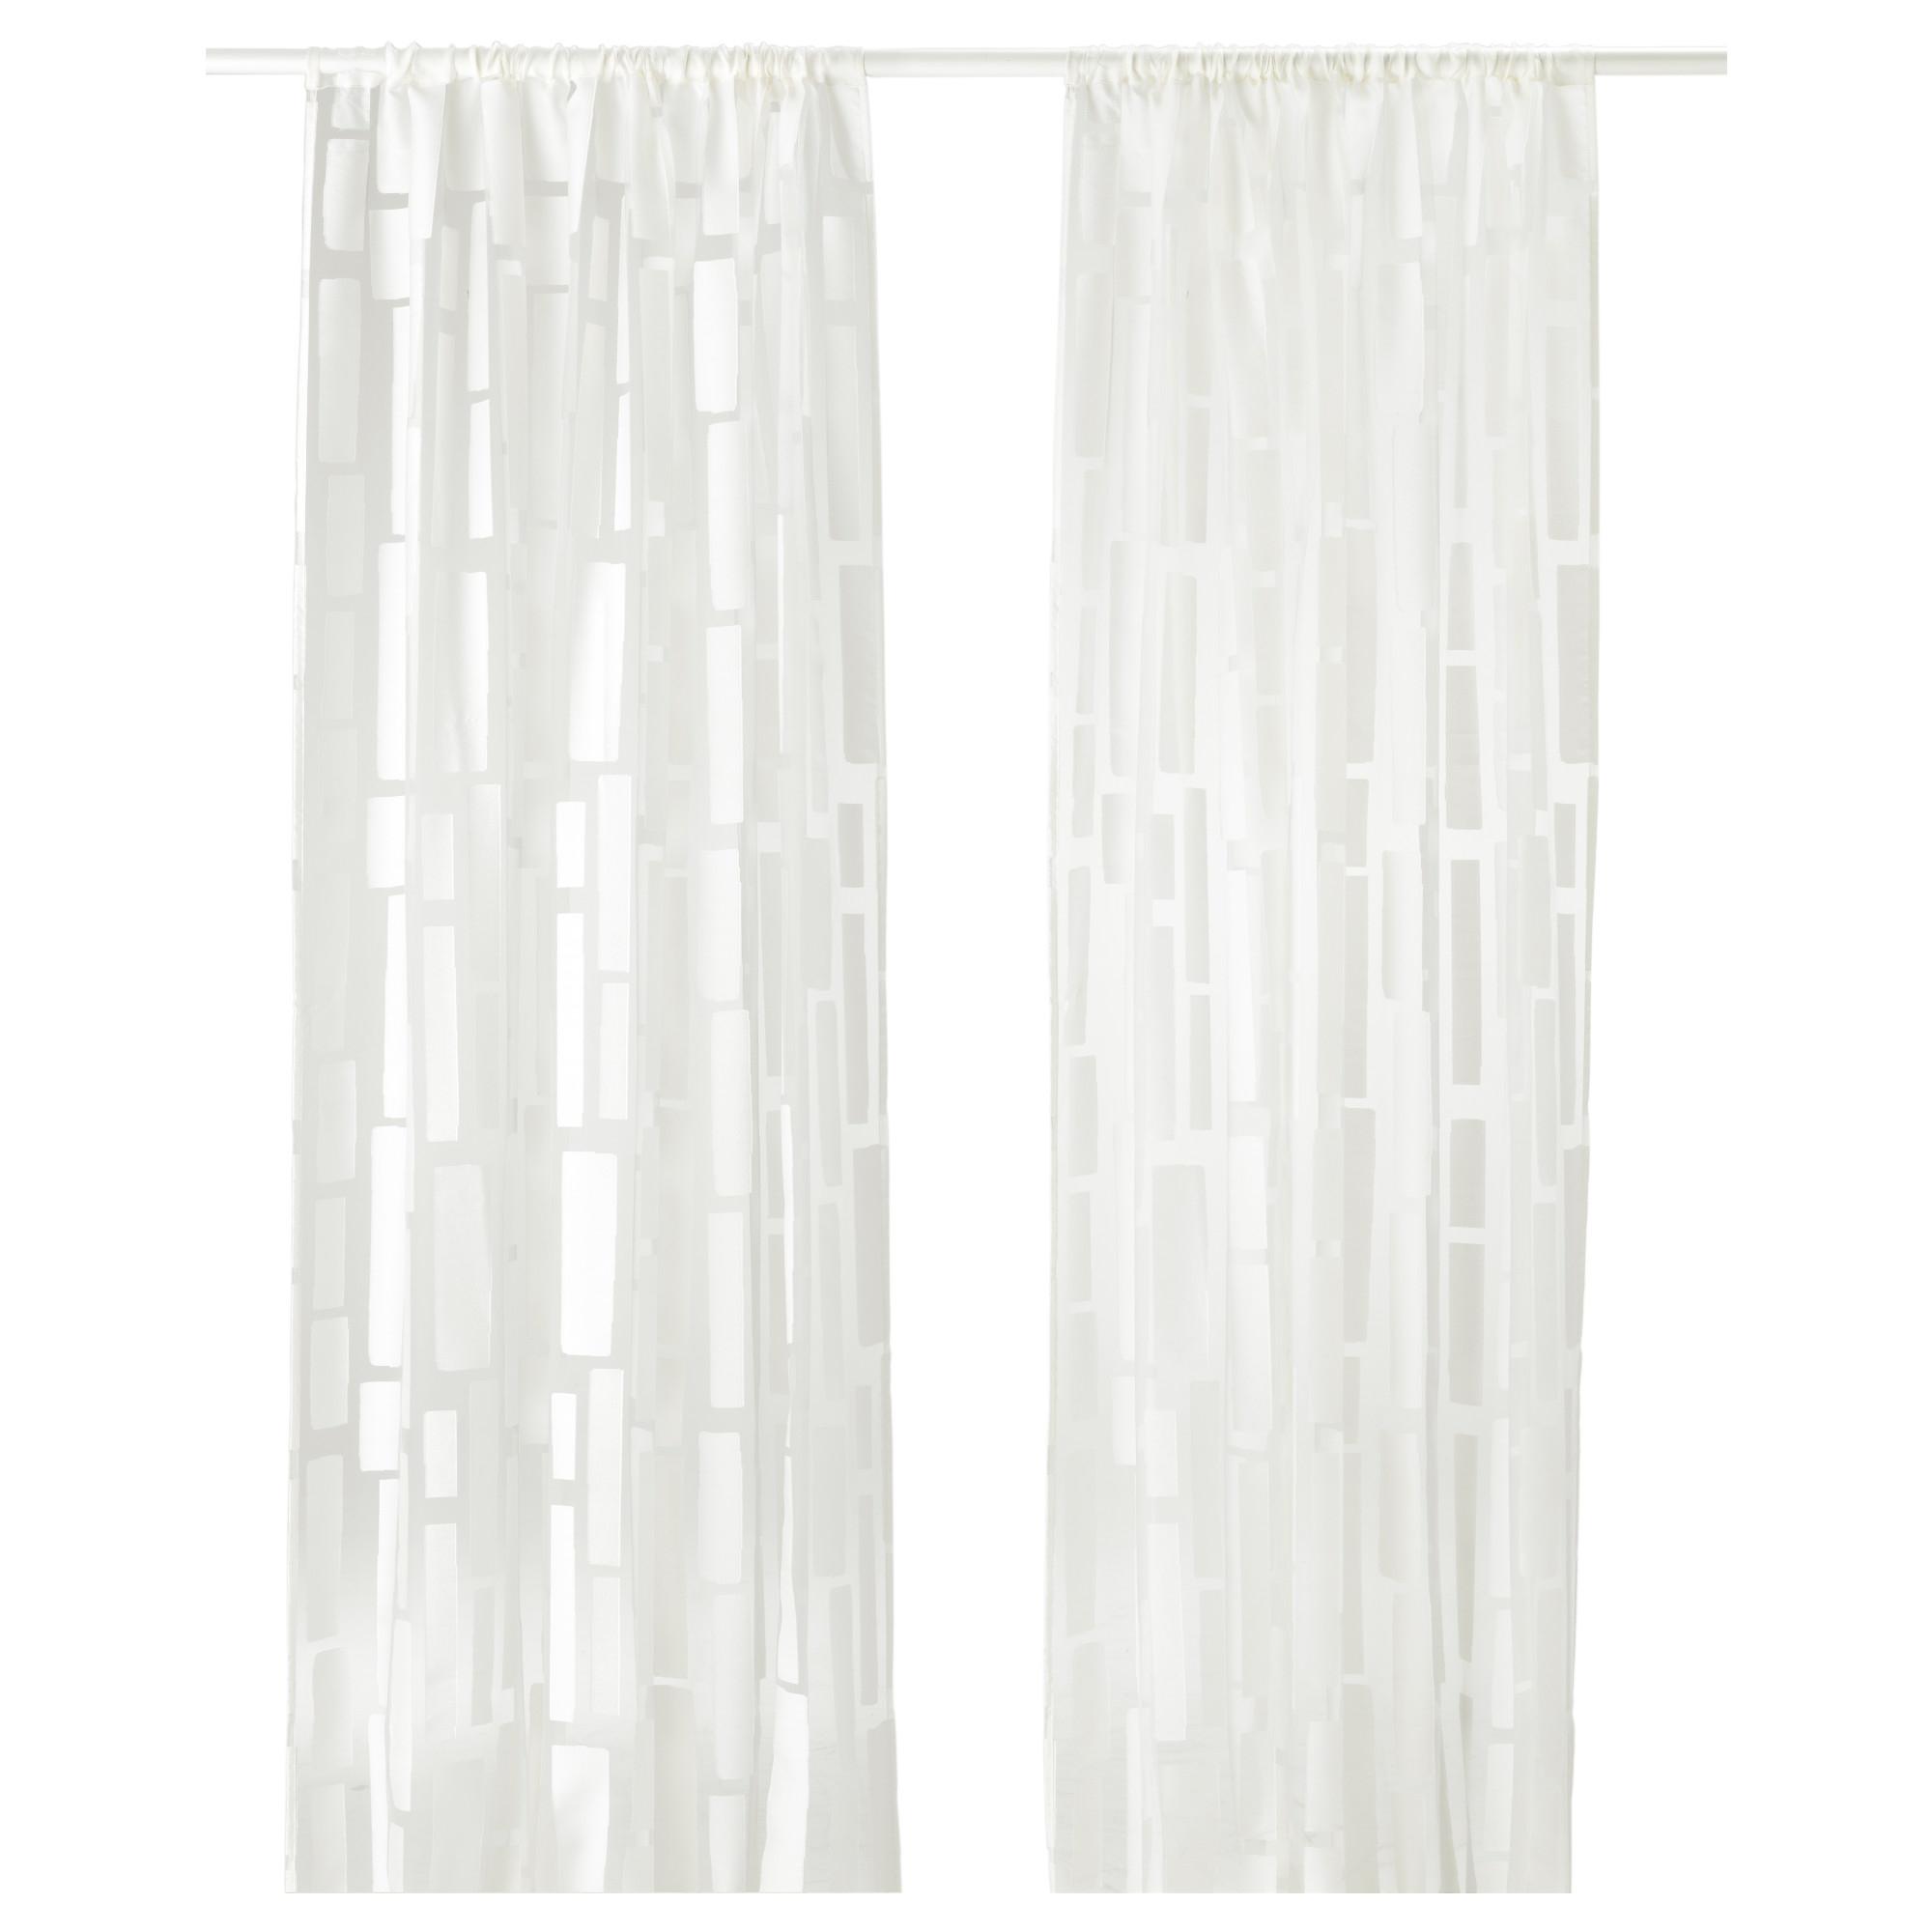 Strandr g cortinas transparentes 1 par for Cortinas transparentes